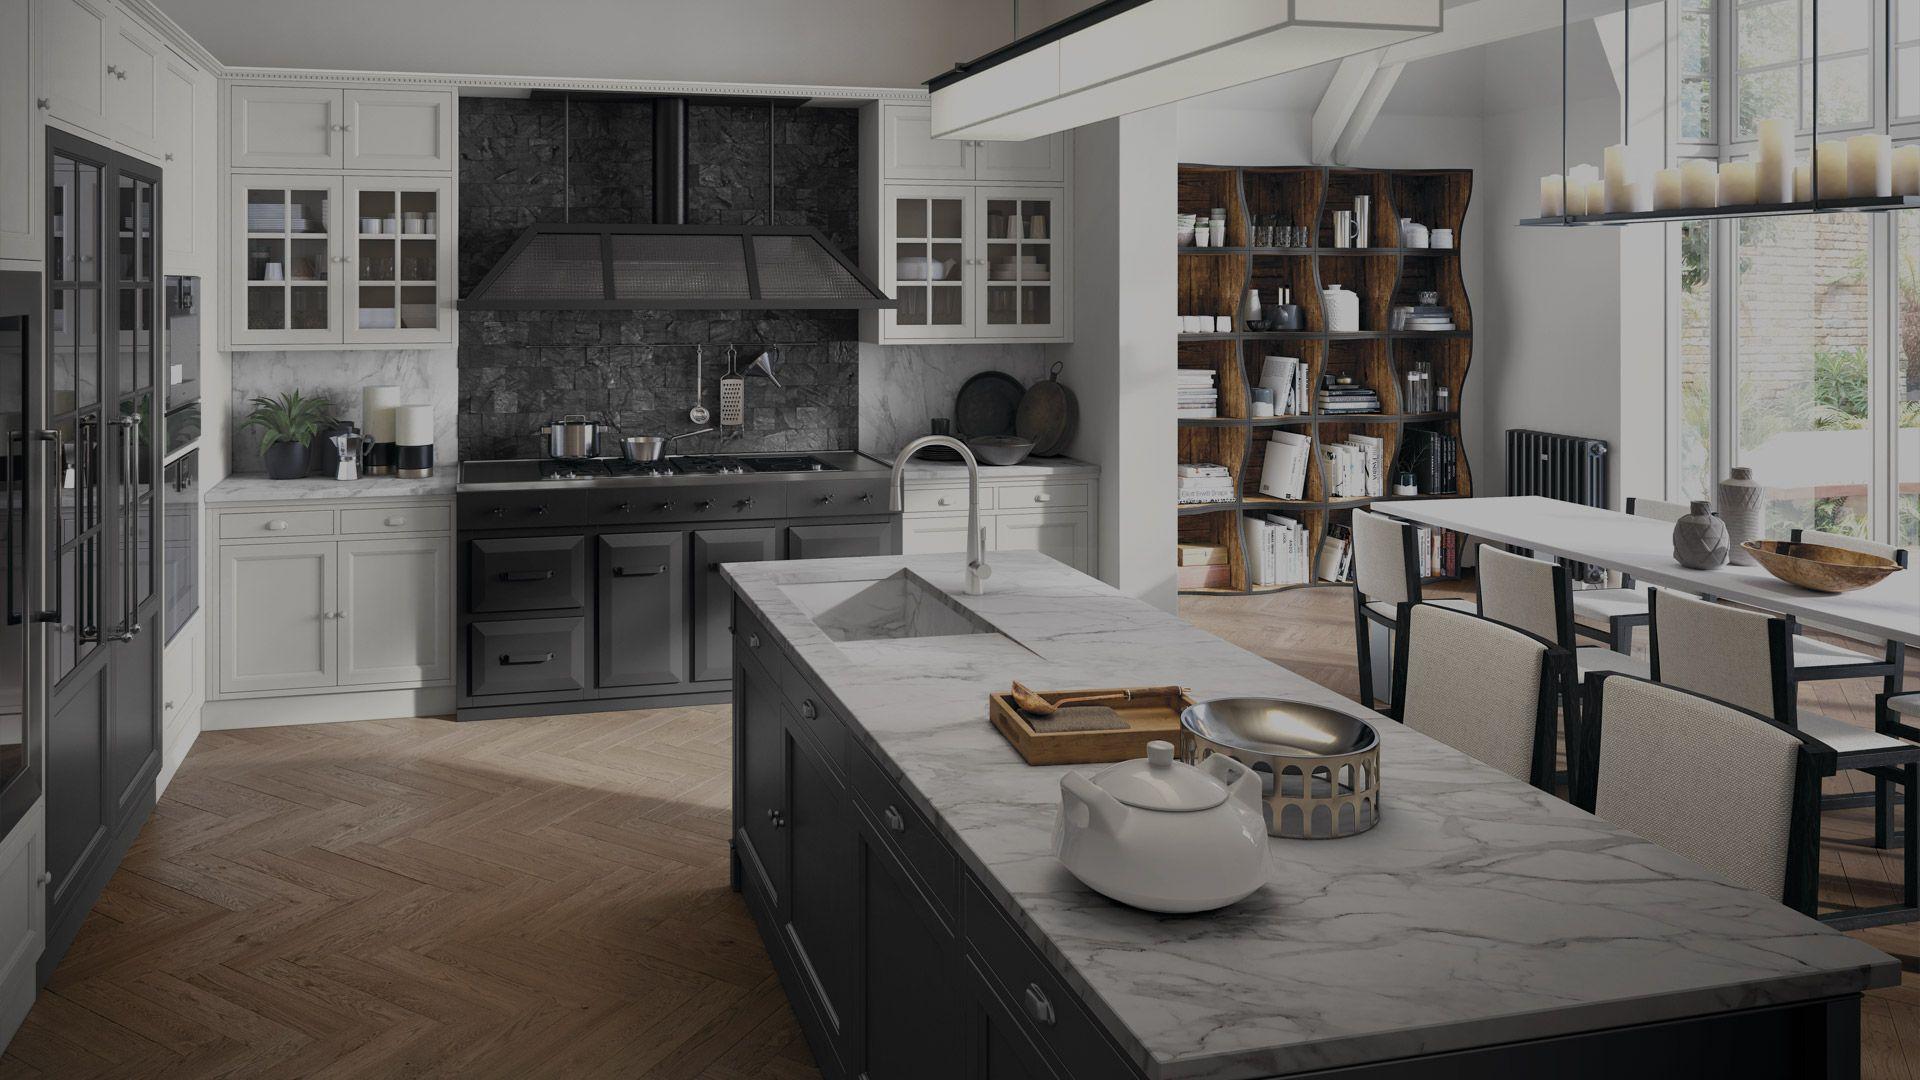 Marchi Cucine - Cucine Country e Cucine Classiche - Produzione e ...